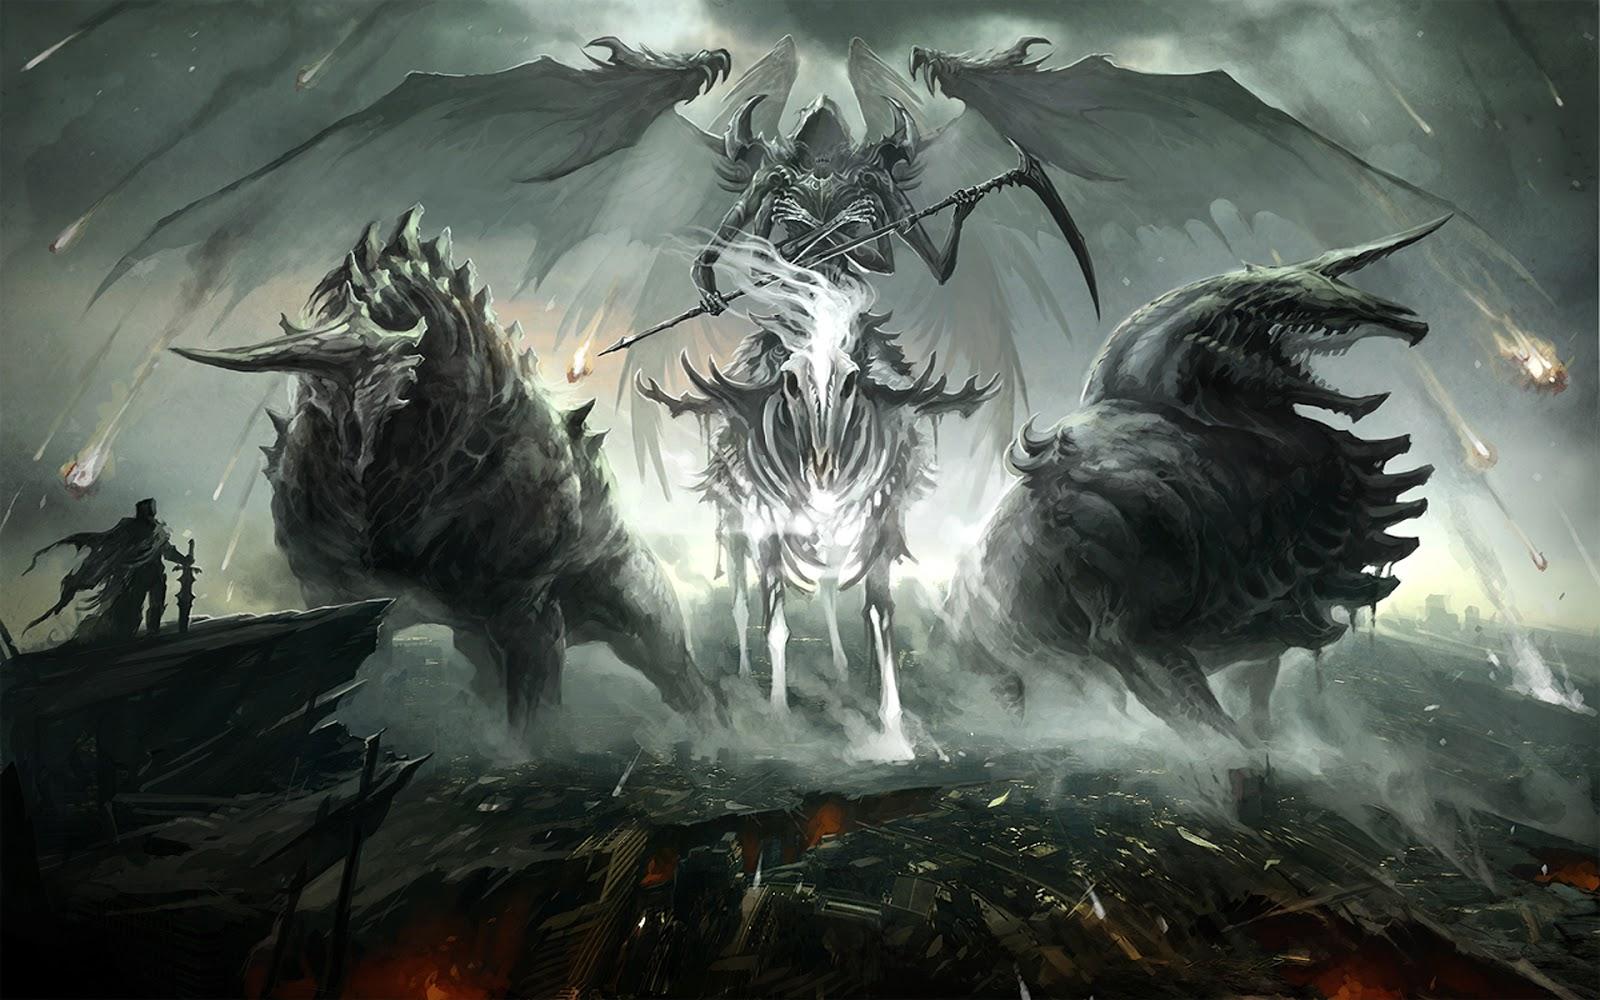 Tải Hình Nền 3D Kinh Dị Về Ác Quỷ Bóng Đêm Và Địa Ngục